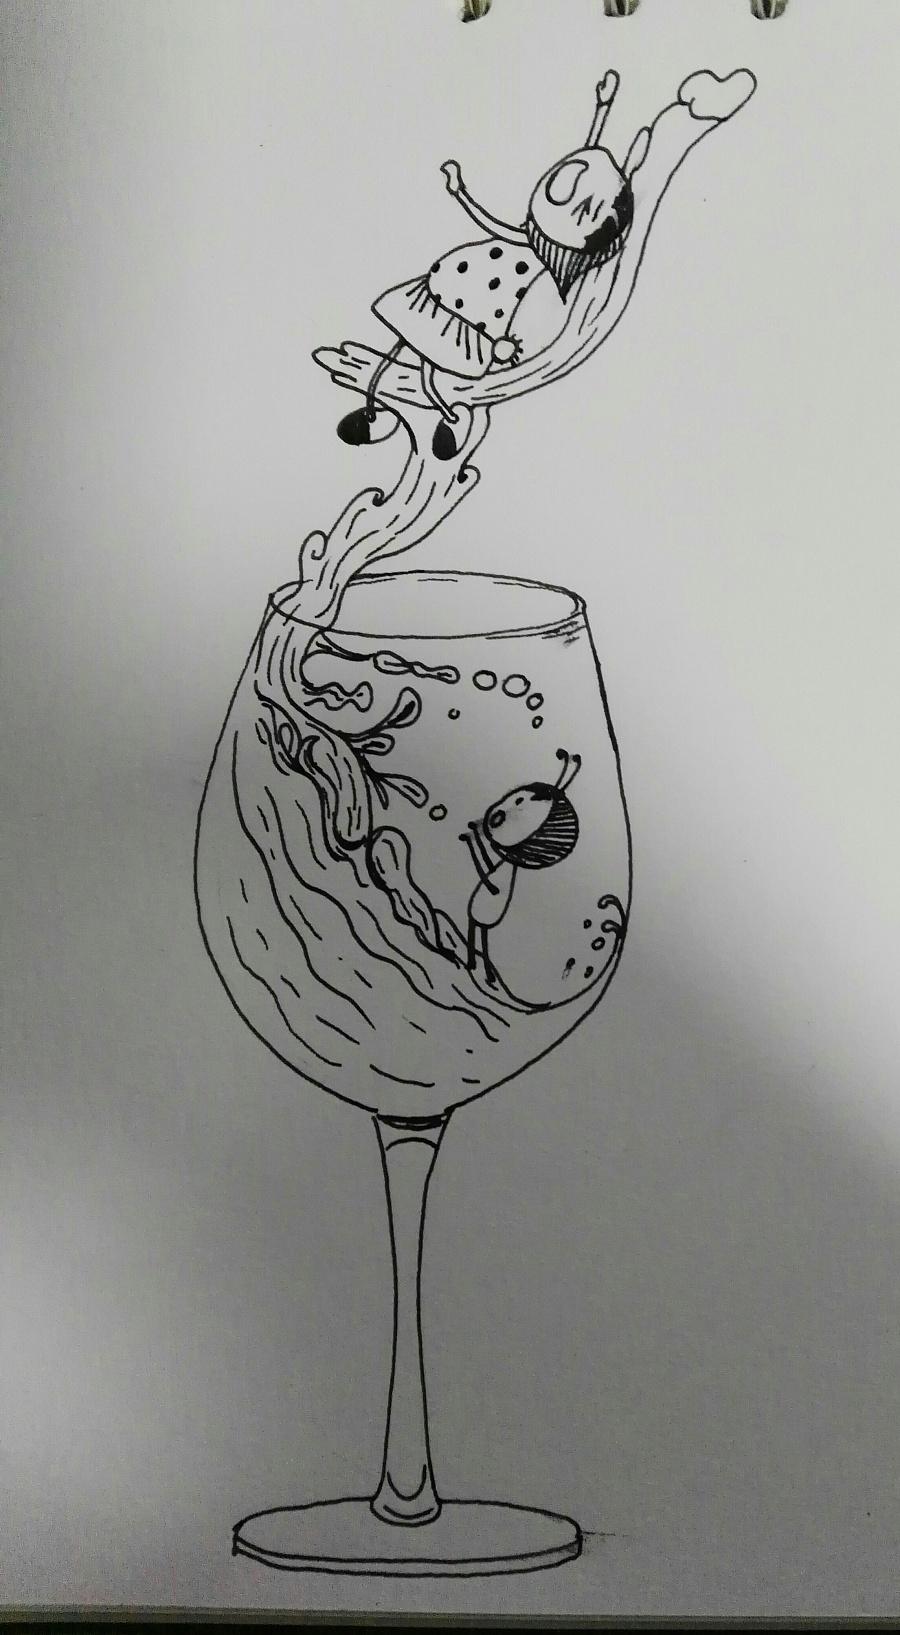 几张创意线稿|插画习作|插画|玛利 - 原创设计作品图片